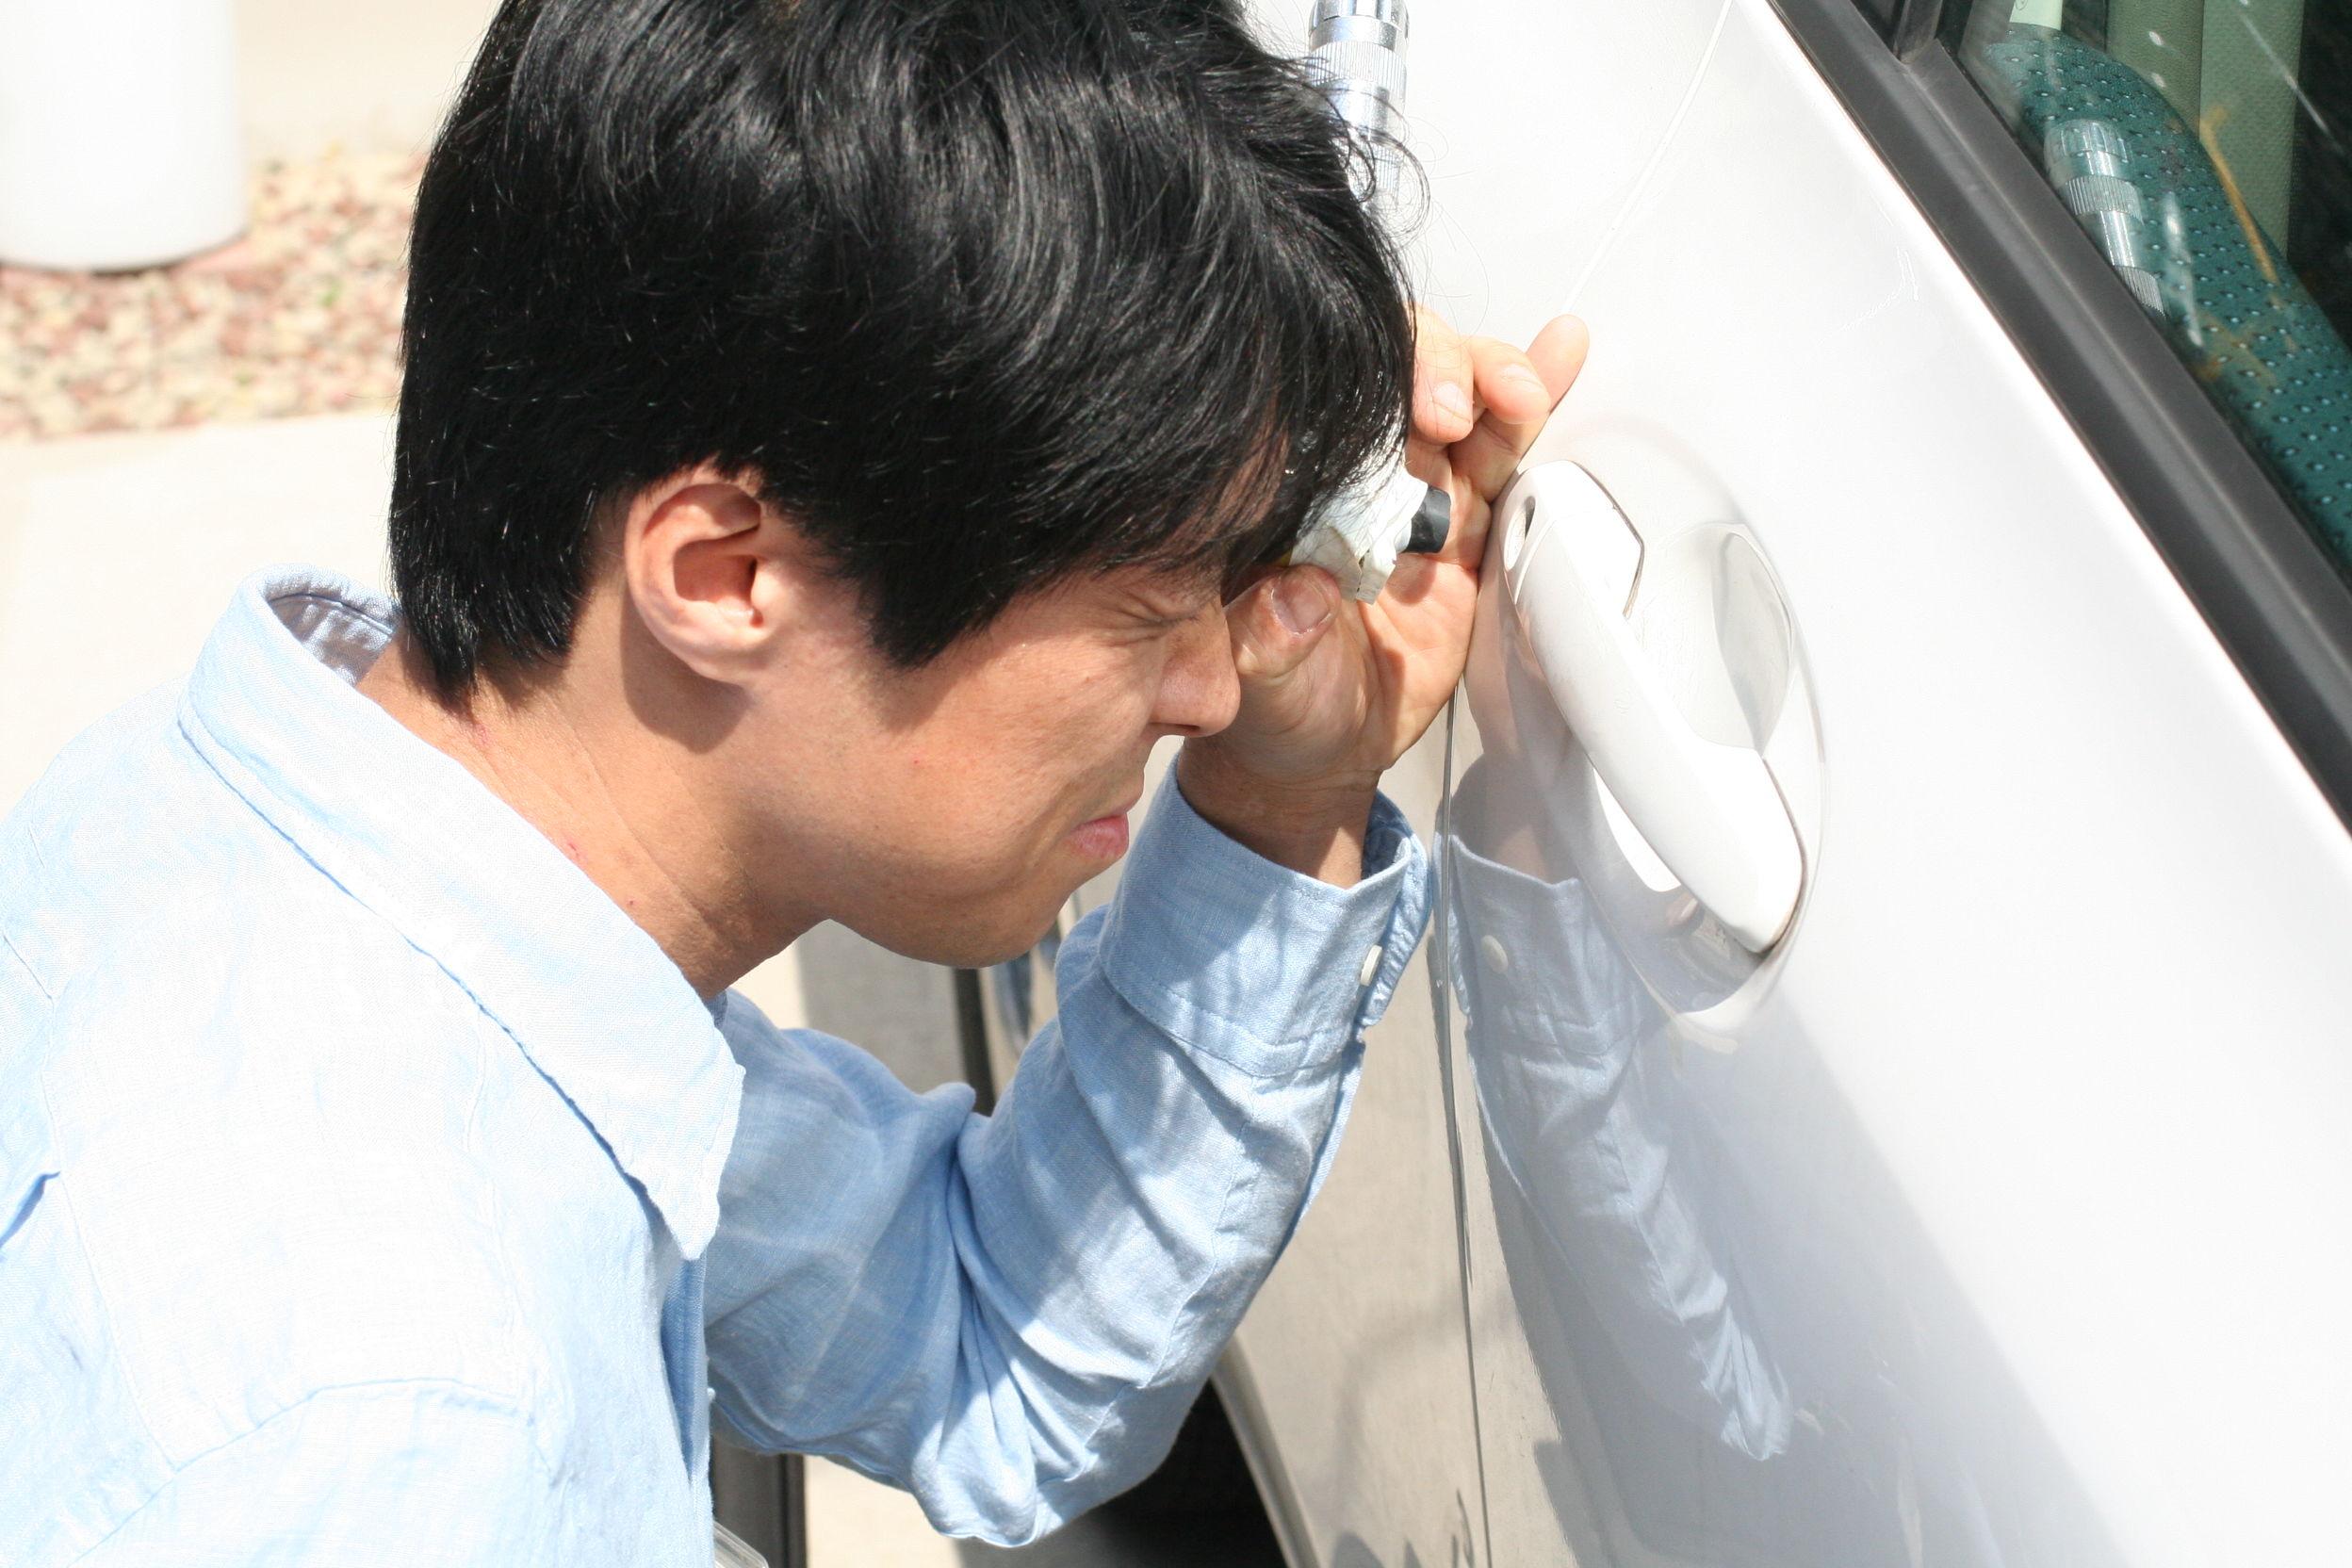 カギのトラブル救Q隊.24【桑名市 出張エリア】